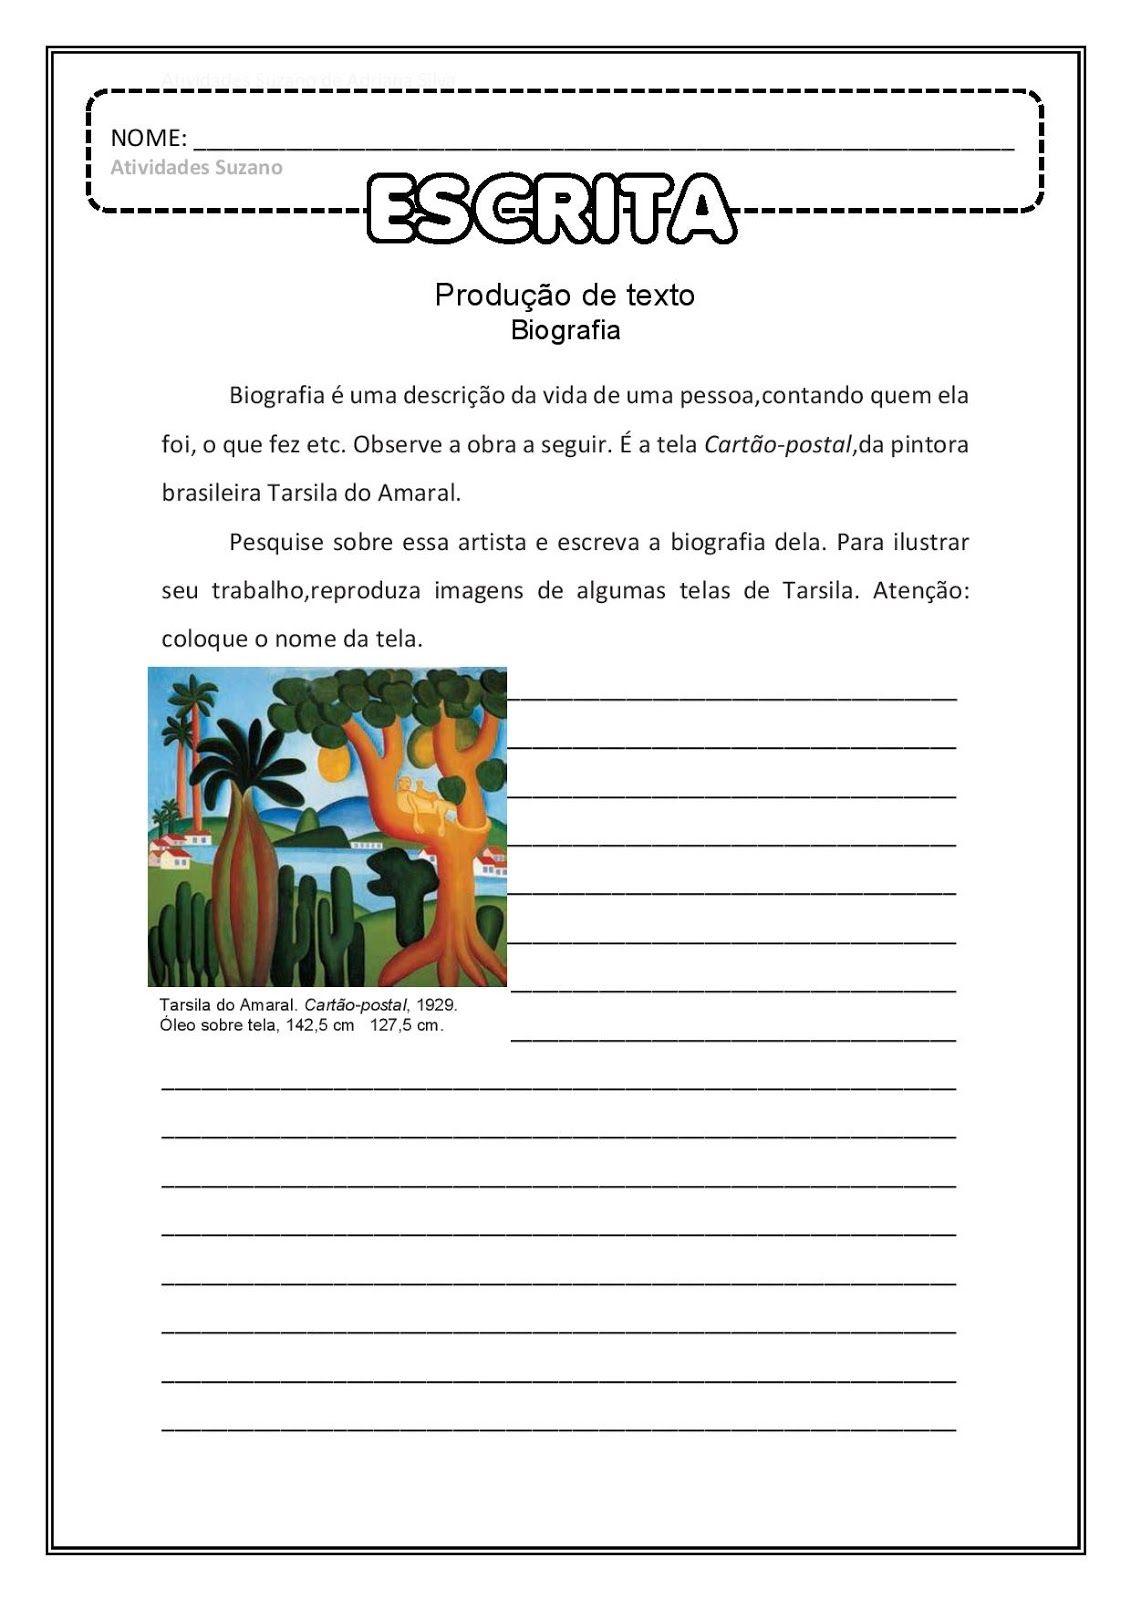 Biografia E Releitura Em Pdf Atividades De Artes Visuais